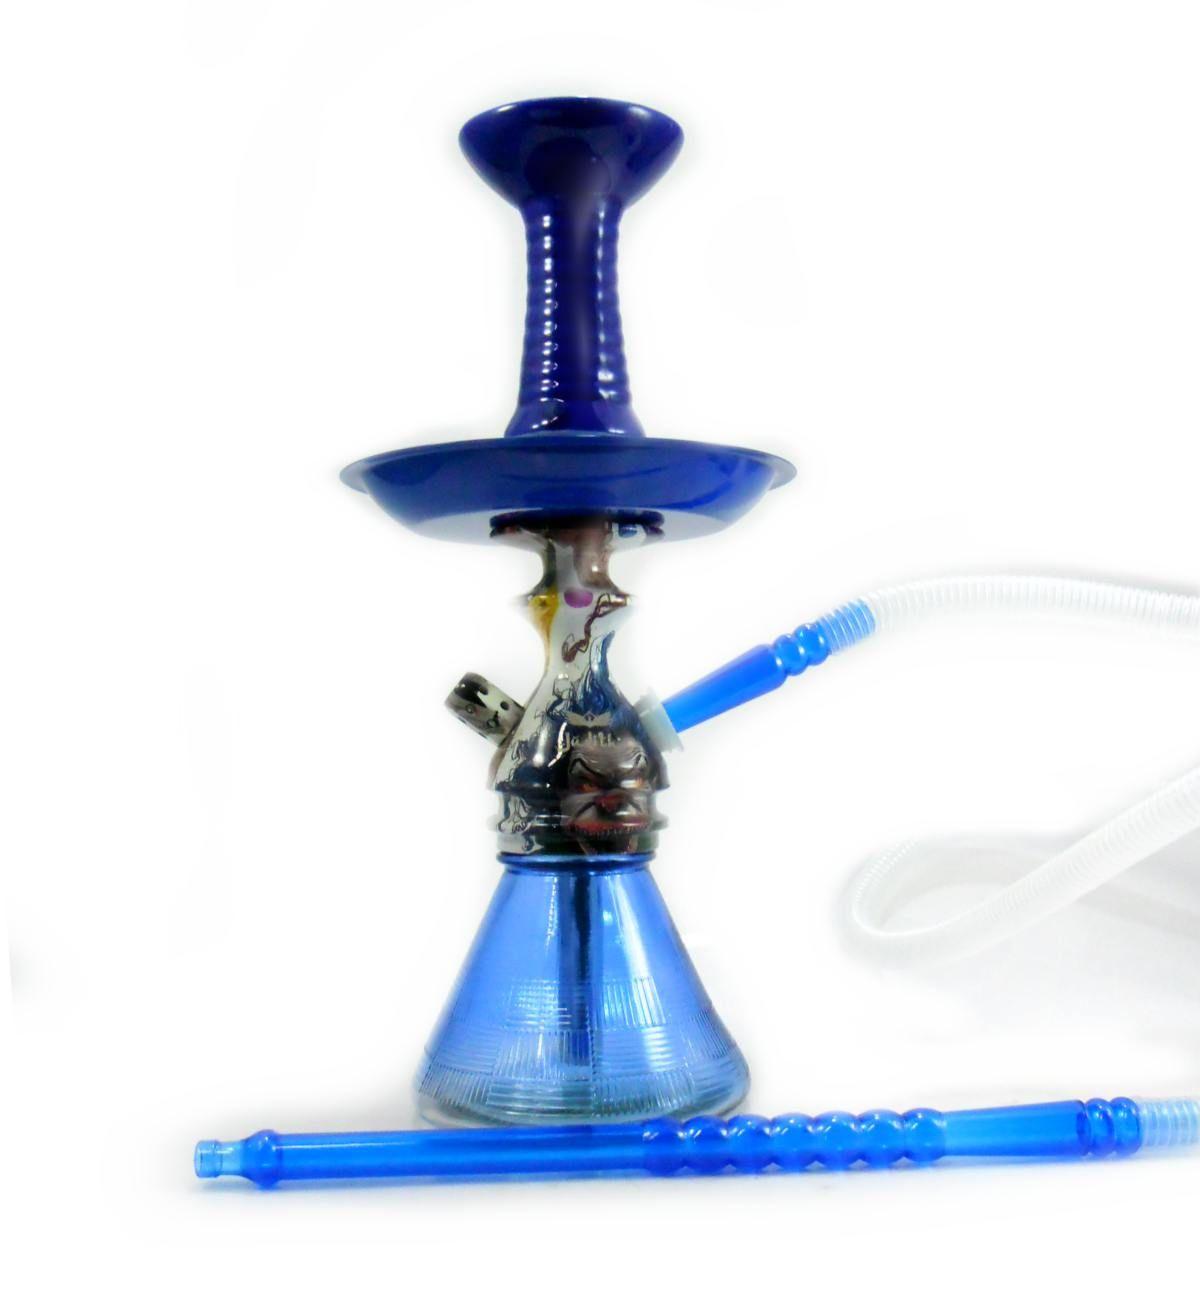 Narguile JUDITH EVIL CLOWN 33cm. Vaso Petit Azul, mangueira MD Hose Transparente, prato pintado Azul, Fornilho Octa Azul